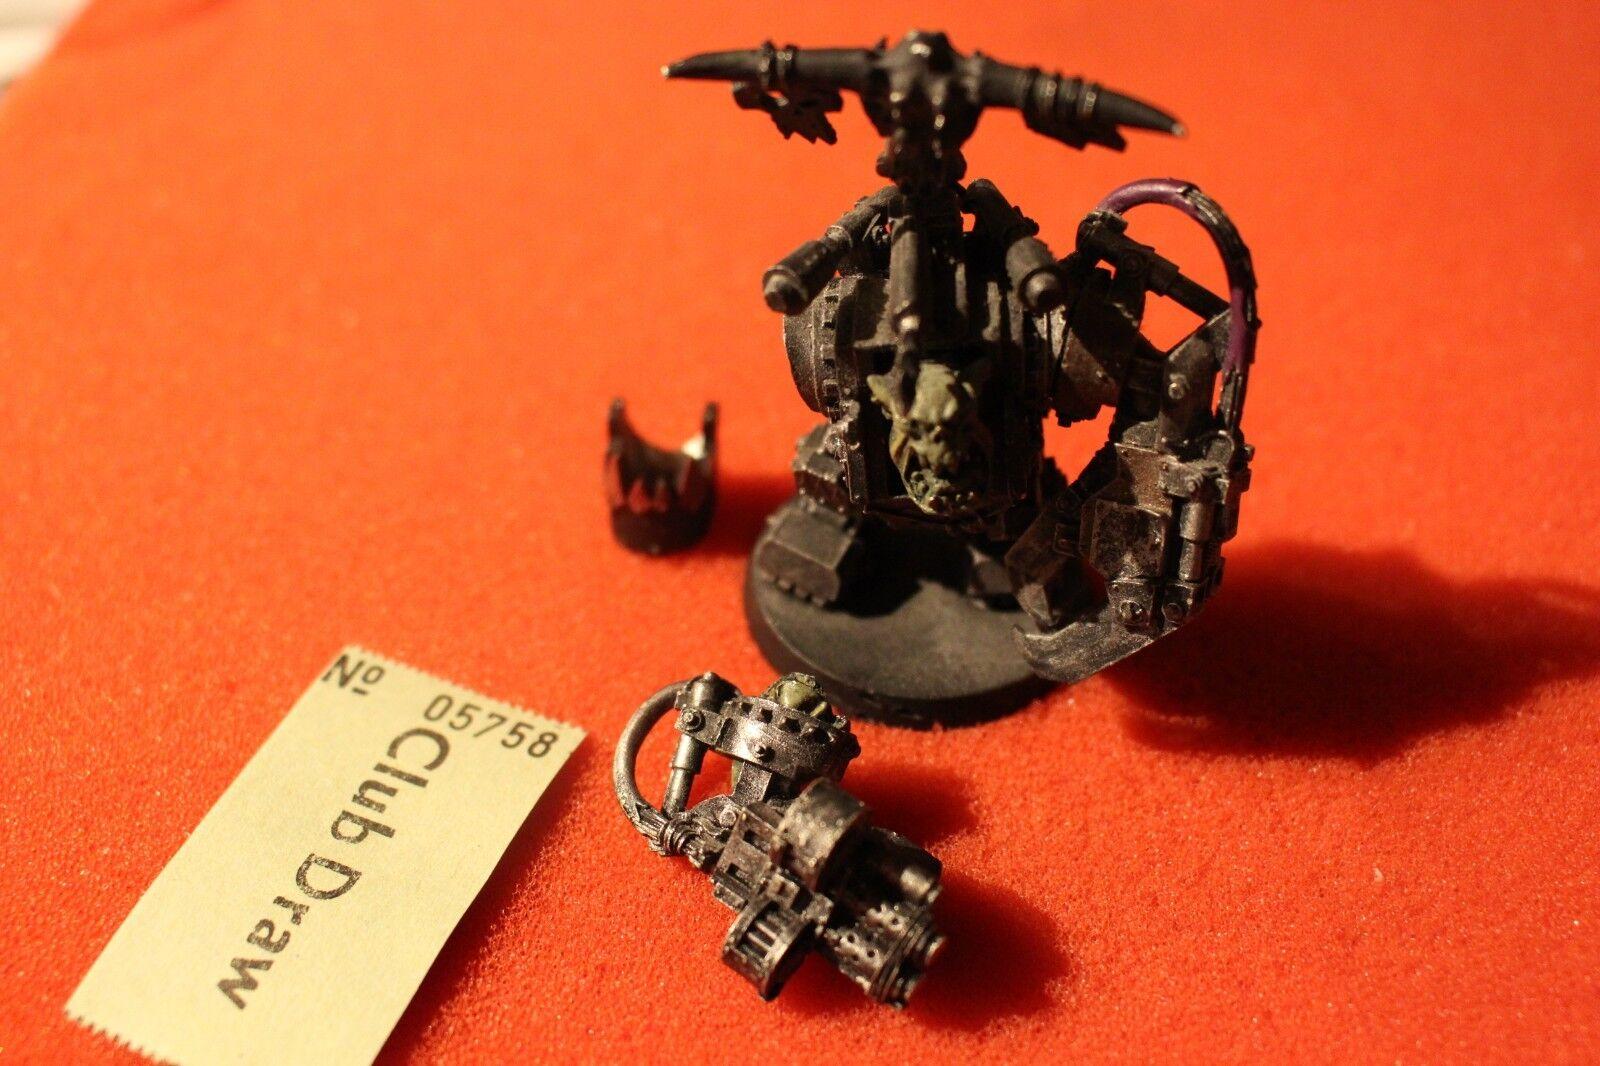 Games Workshop Warhammer 40k Ghazghkull Thraka Orks Warboss Metal Figure OOP GW